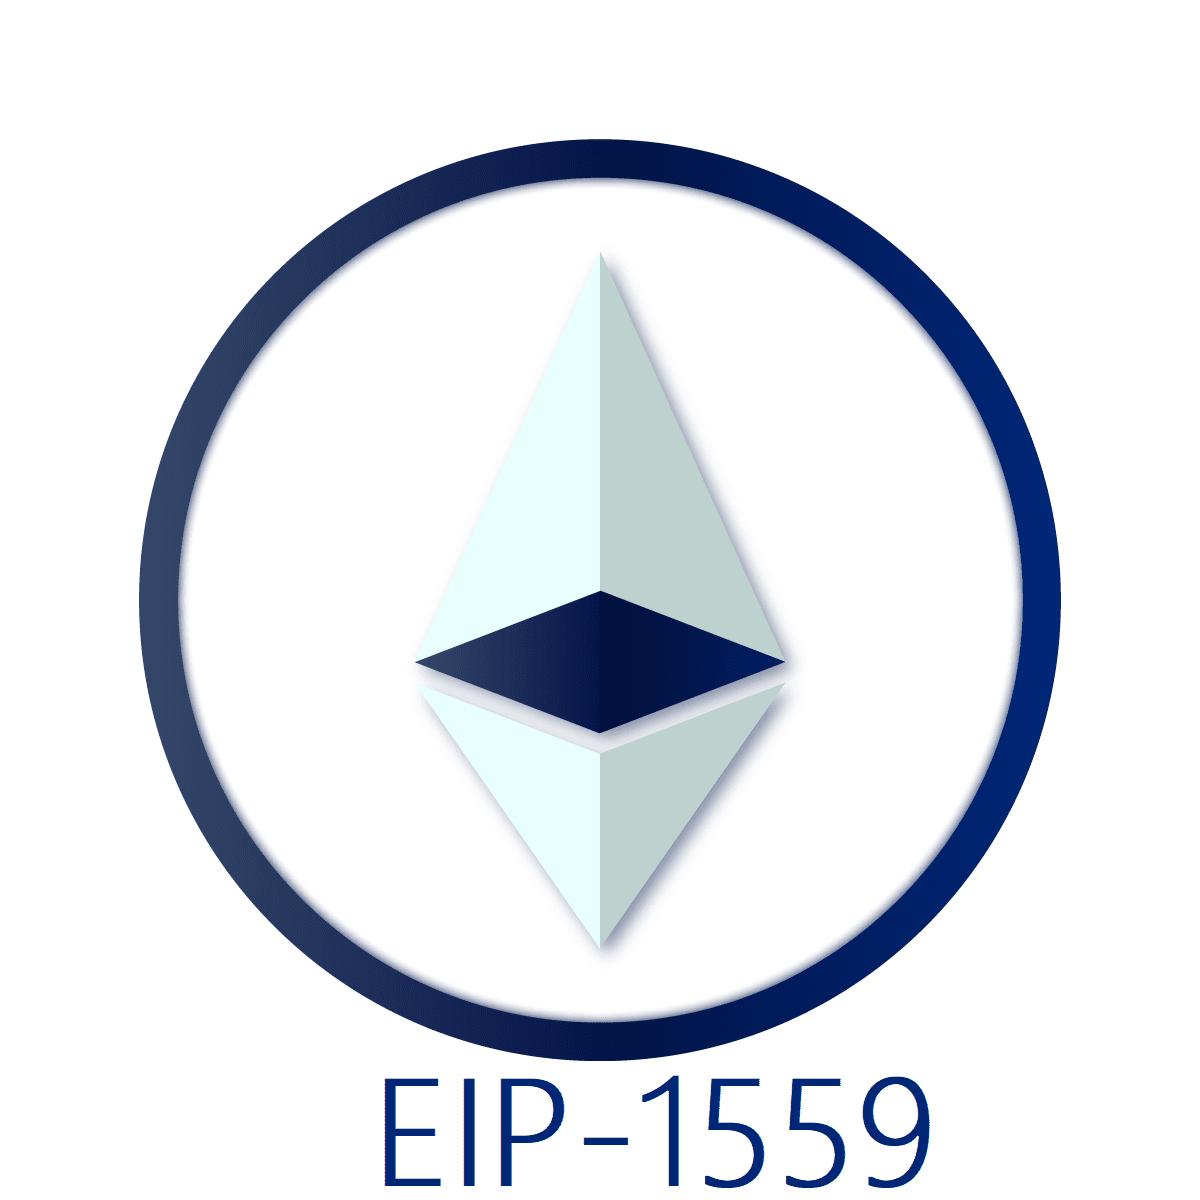 етериум EIP-1559 ъпдейт, нов модел на такси за транзакции на етериум мрежата